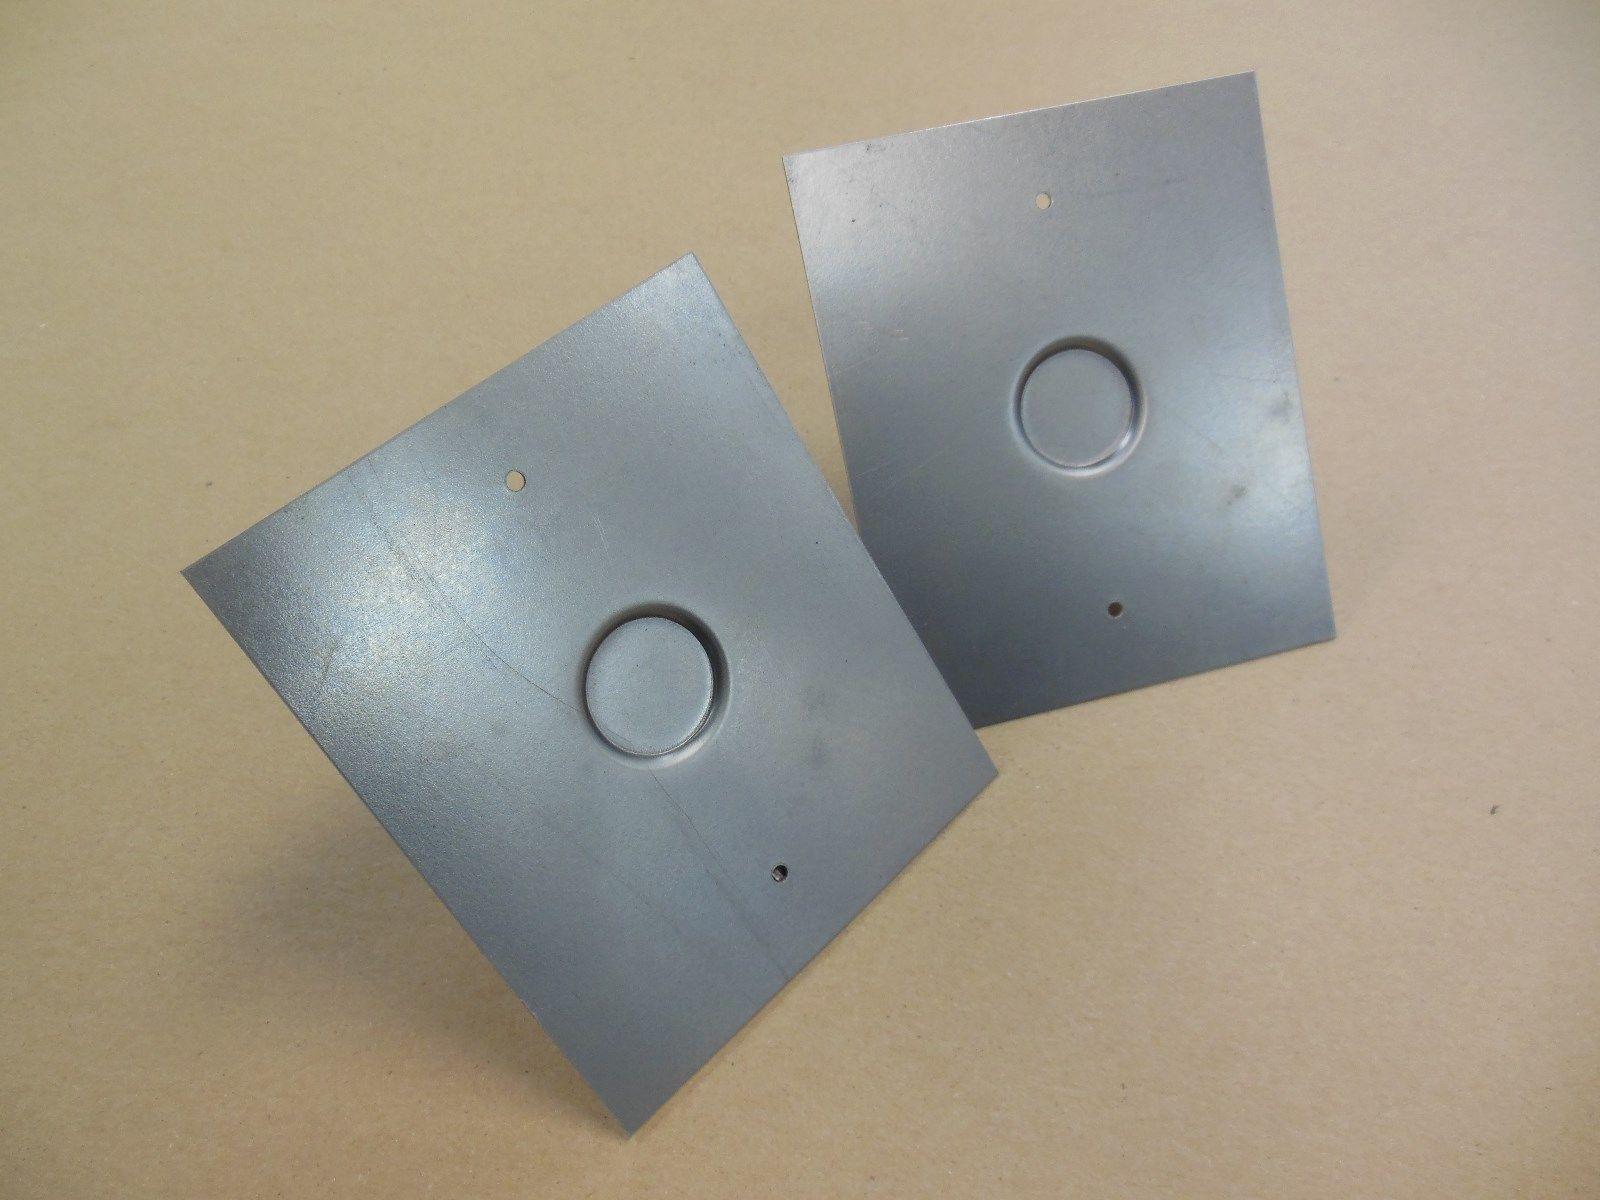 18 Gauge Stamped Recessed Key Lock Panels